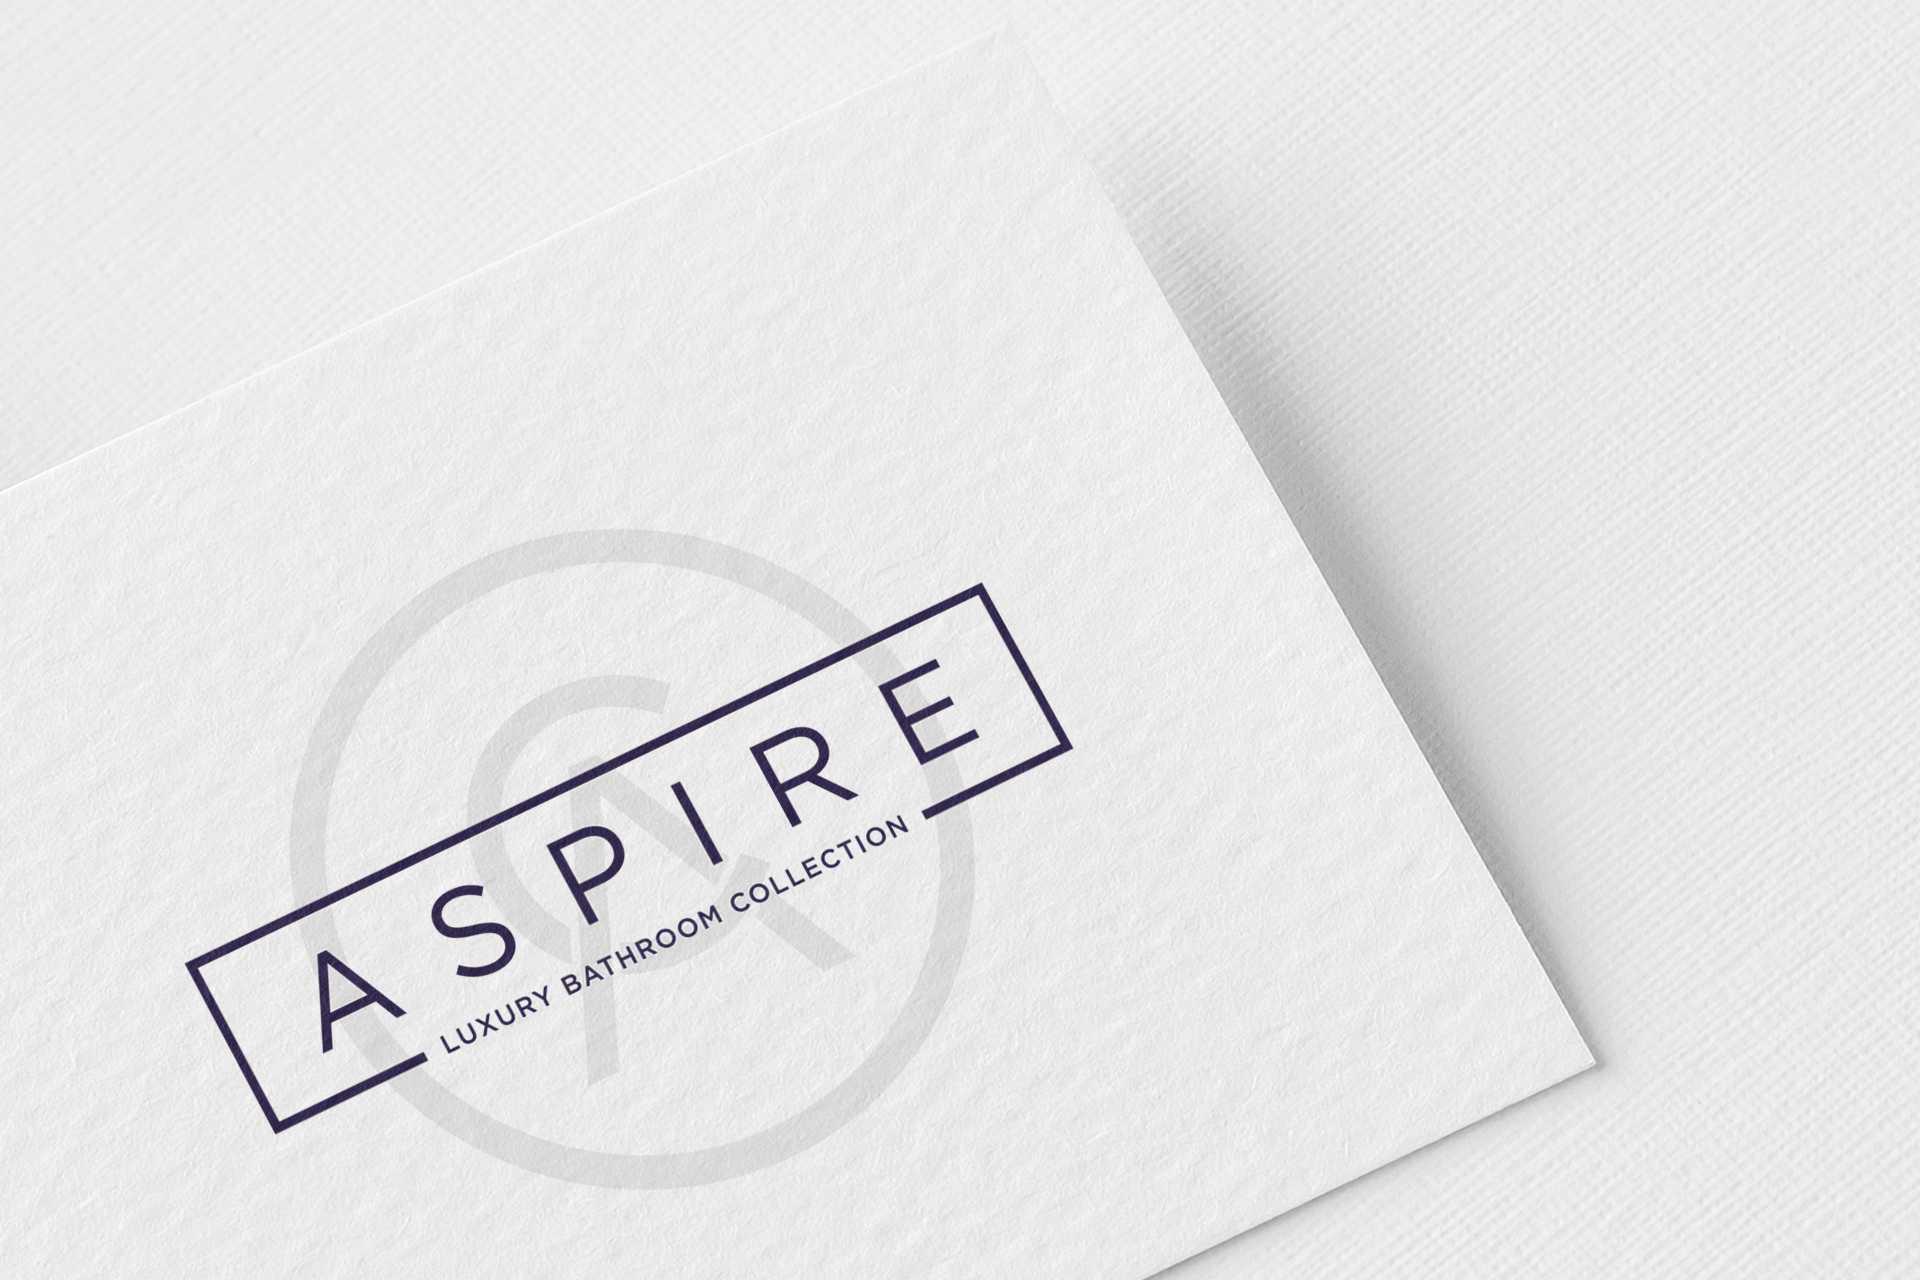 pixel-perfect-warrington-aspire-logo-design